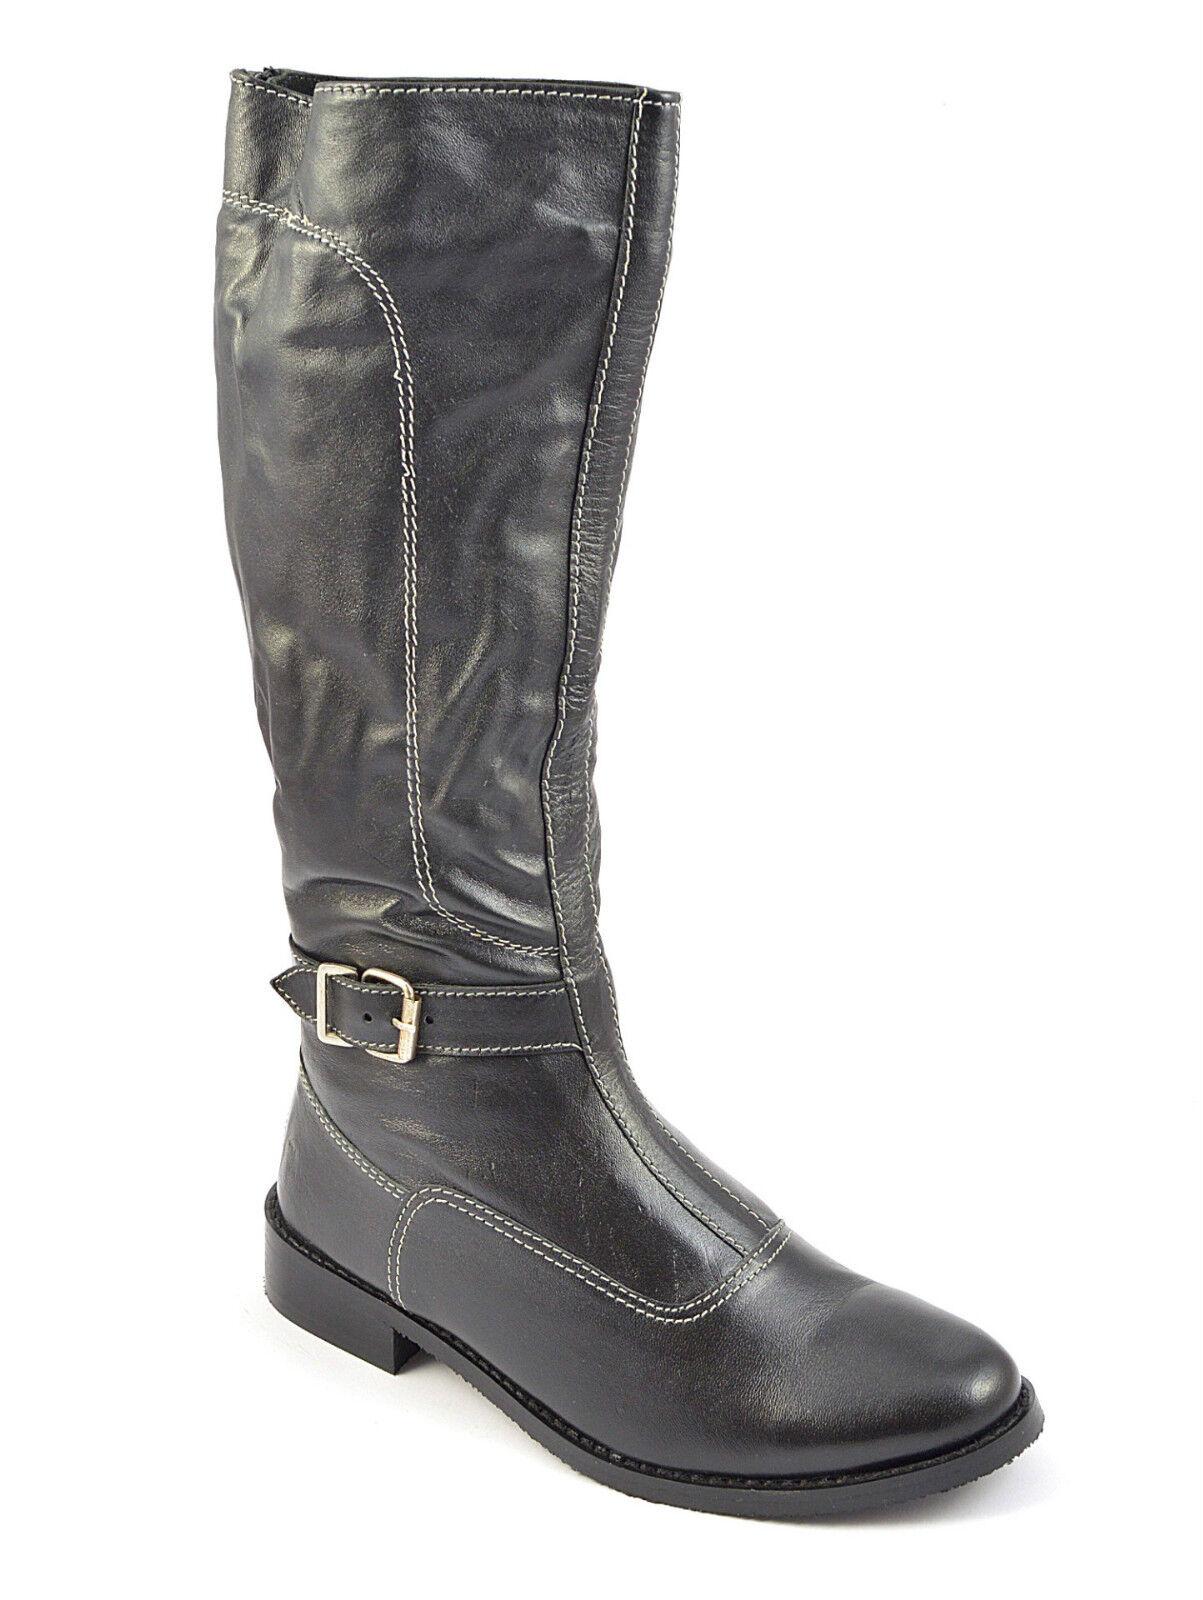 Para Mujer Damas Piel Botas Hasta La Rodilla Hebilla Cremallera De Equitación De Cuero Talla Zapato Tacones